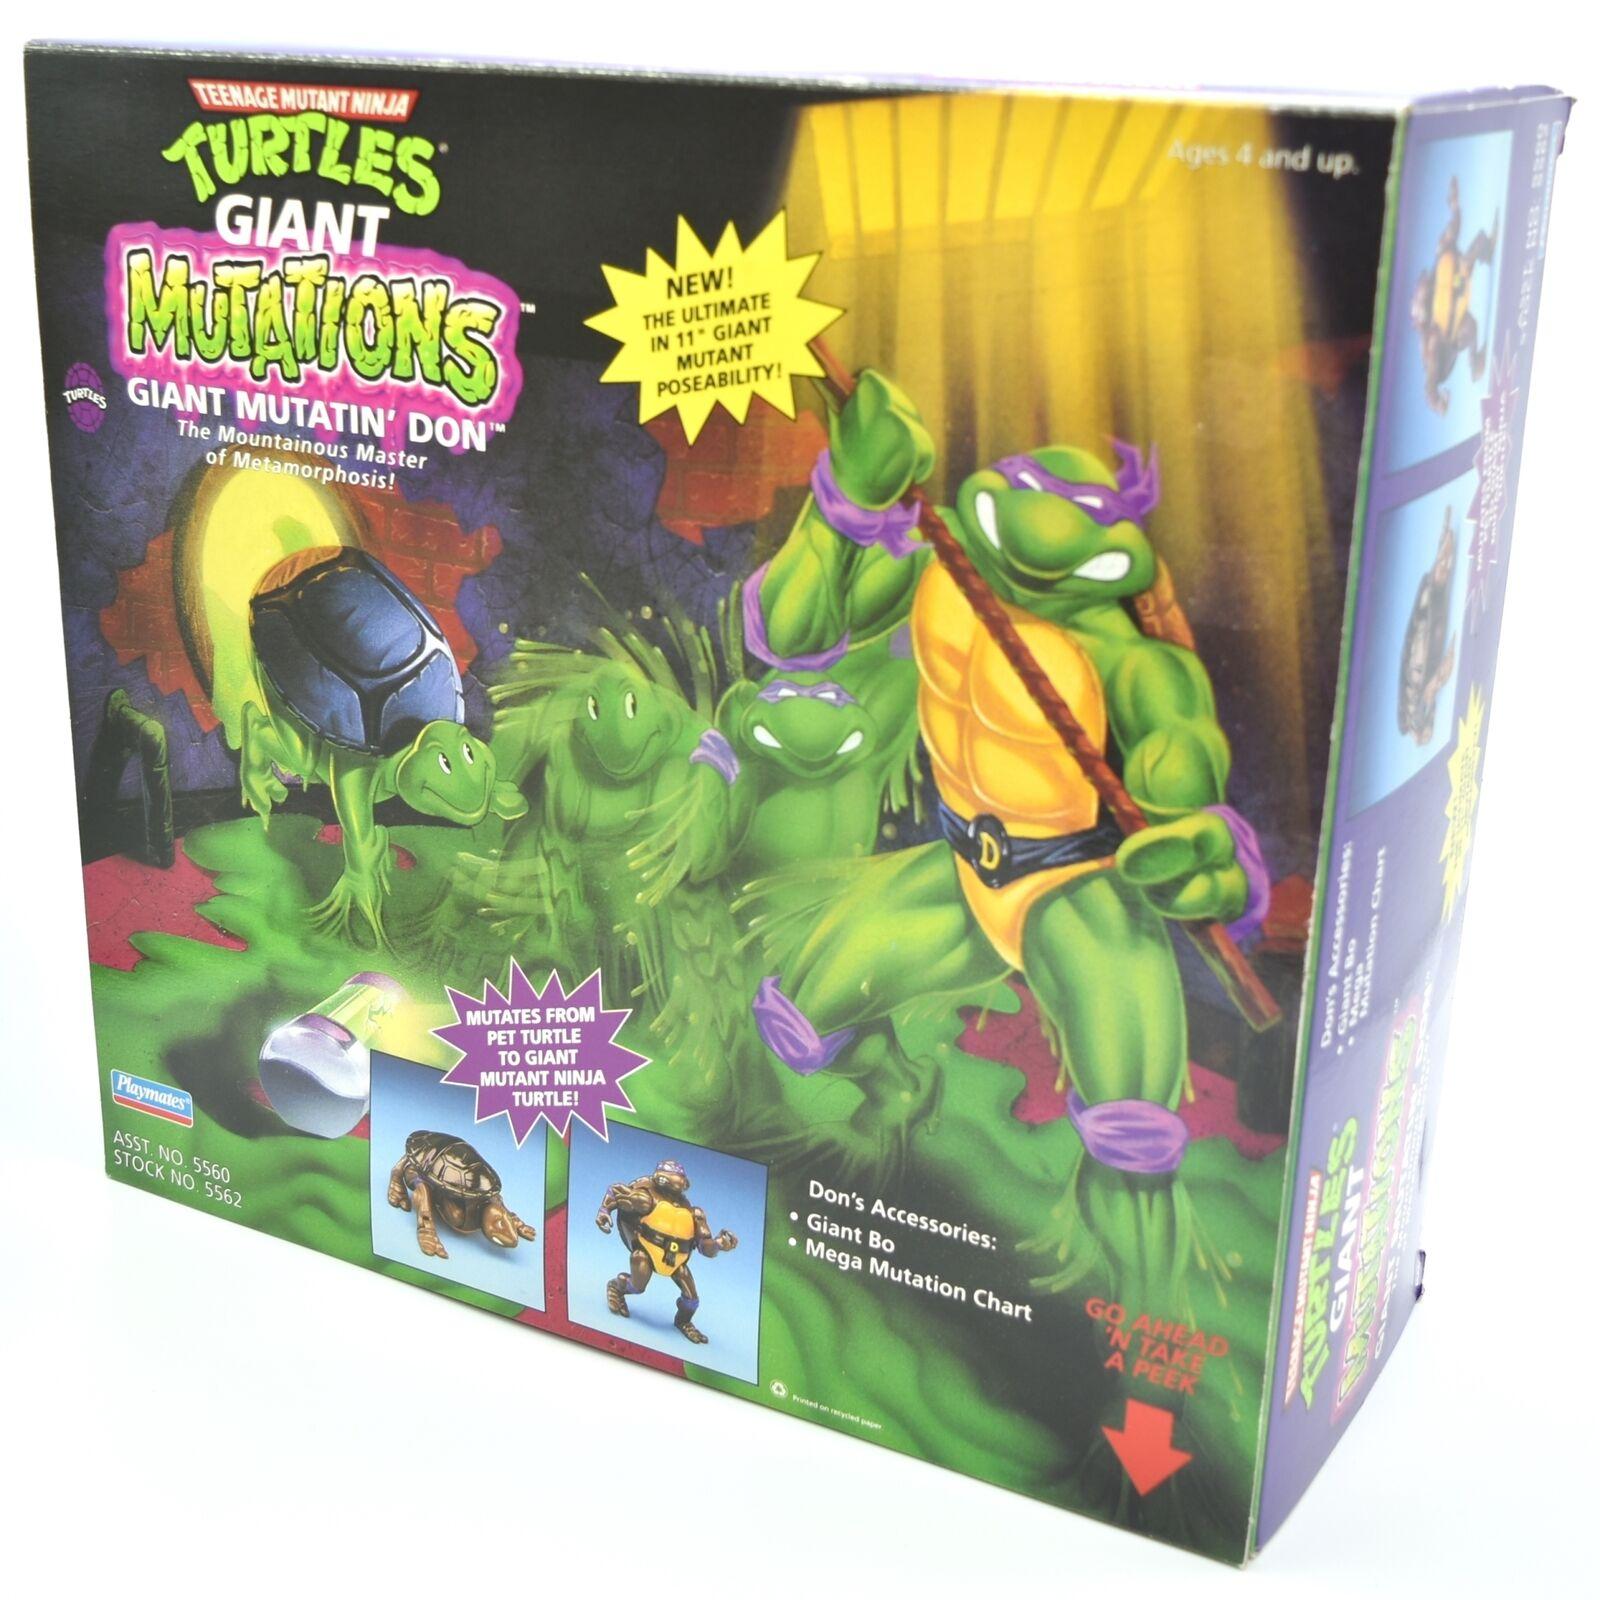 Teenage Mutant Ninja Turtles TMNT Giant Donatello Vintage Figure Rare Collector